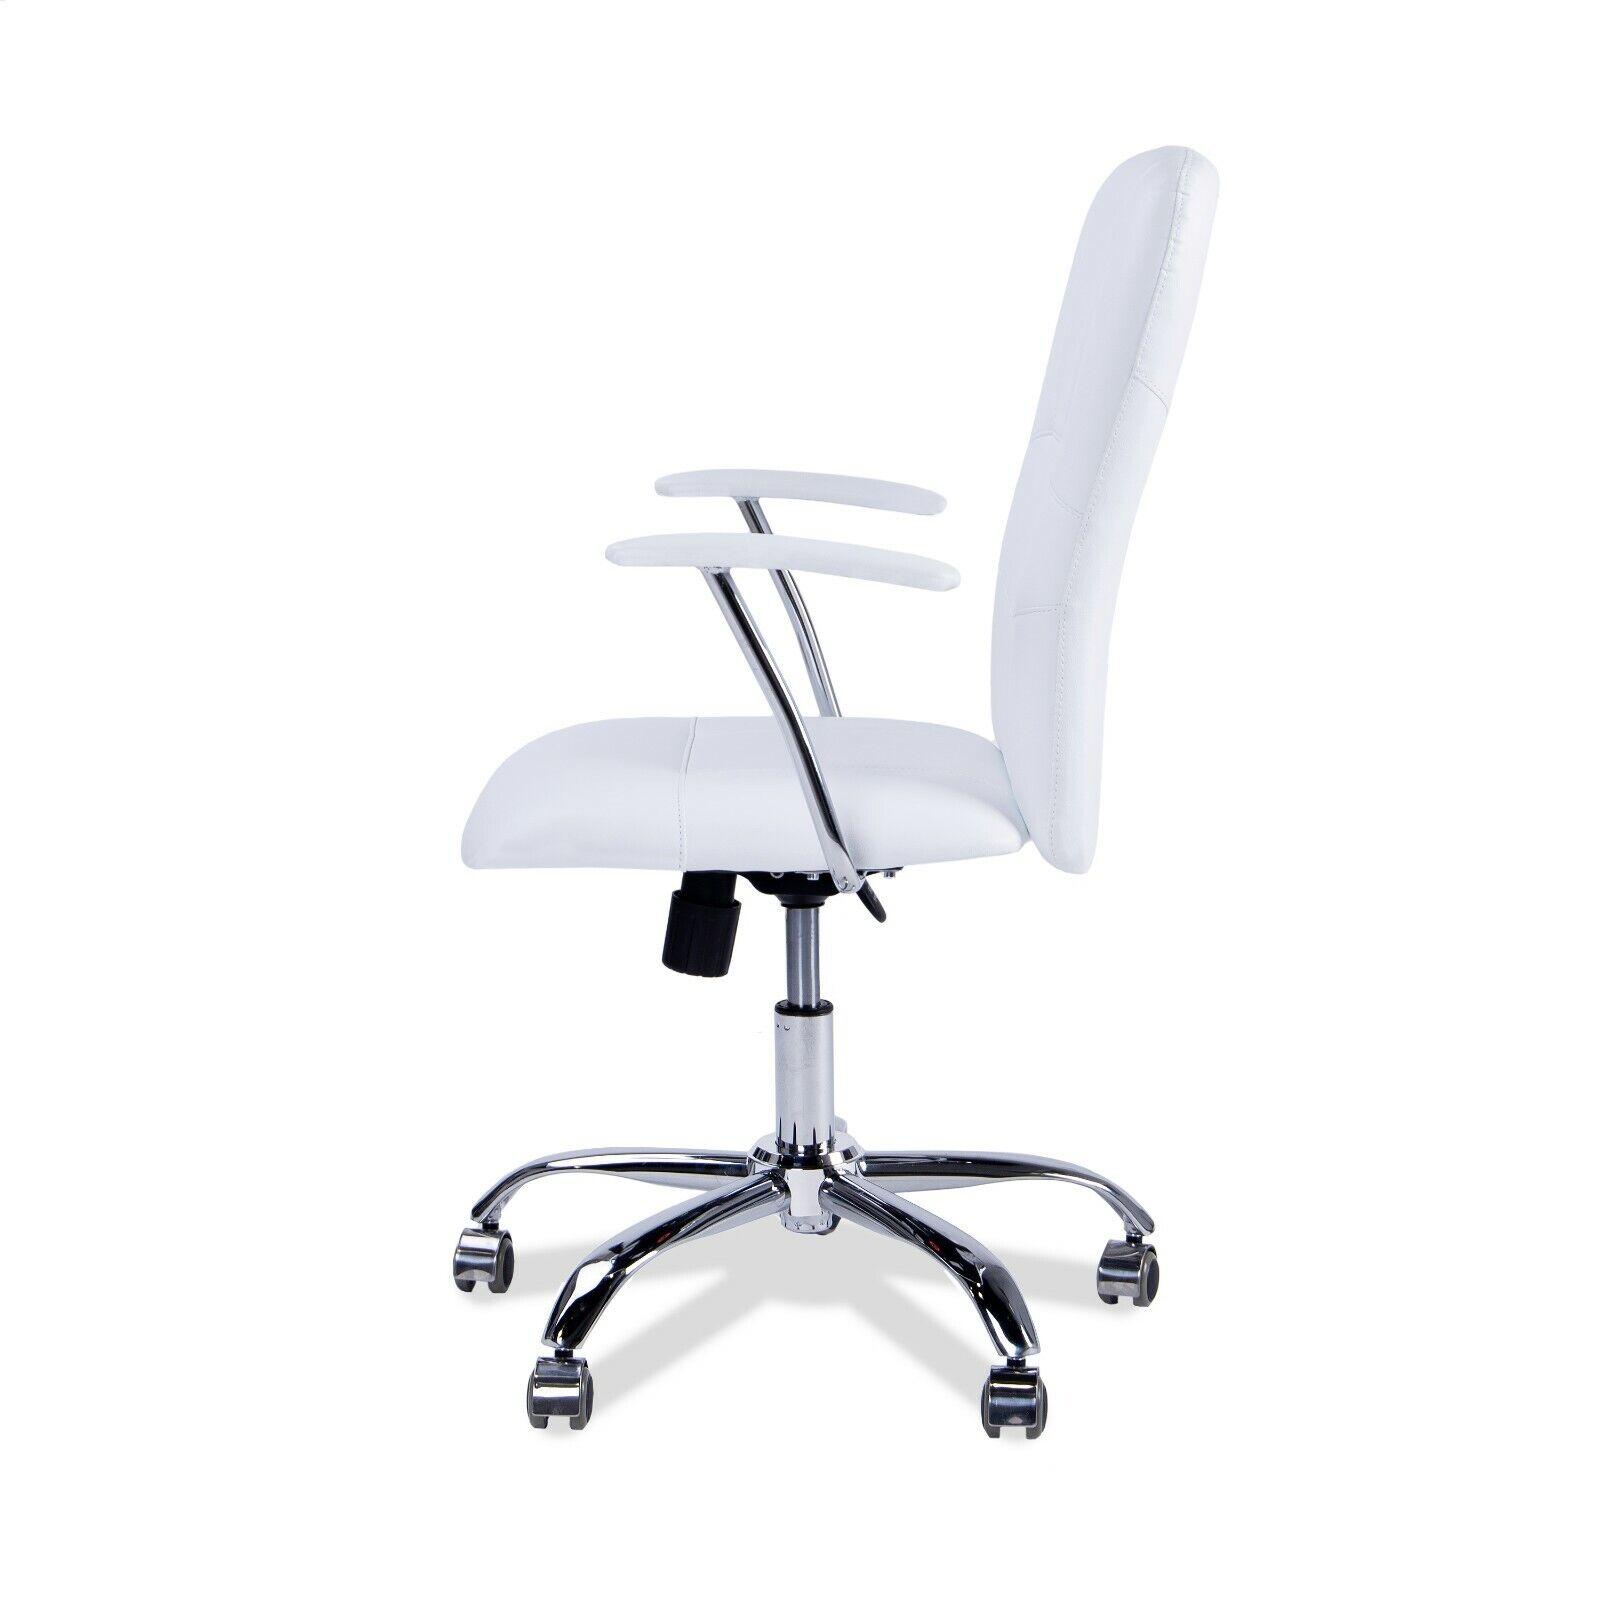 s l1600 - Silla de oficina giratorio silla escritorio color Blanco o Negro, modelo: maggie